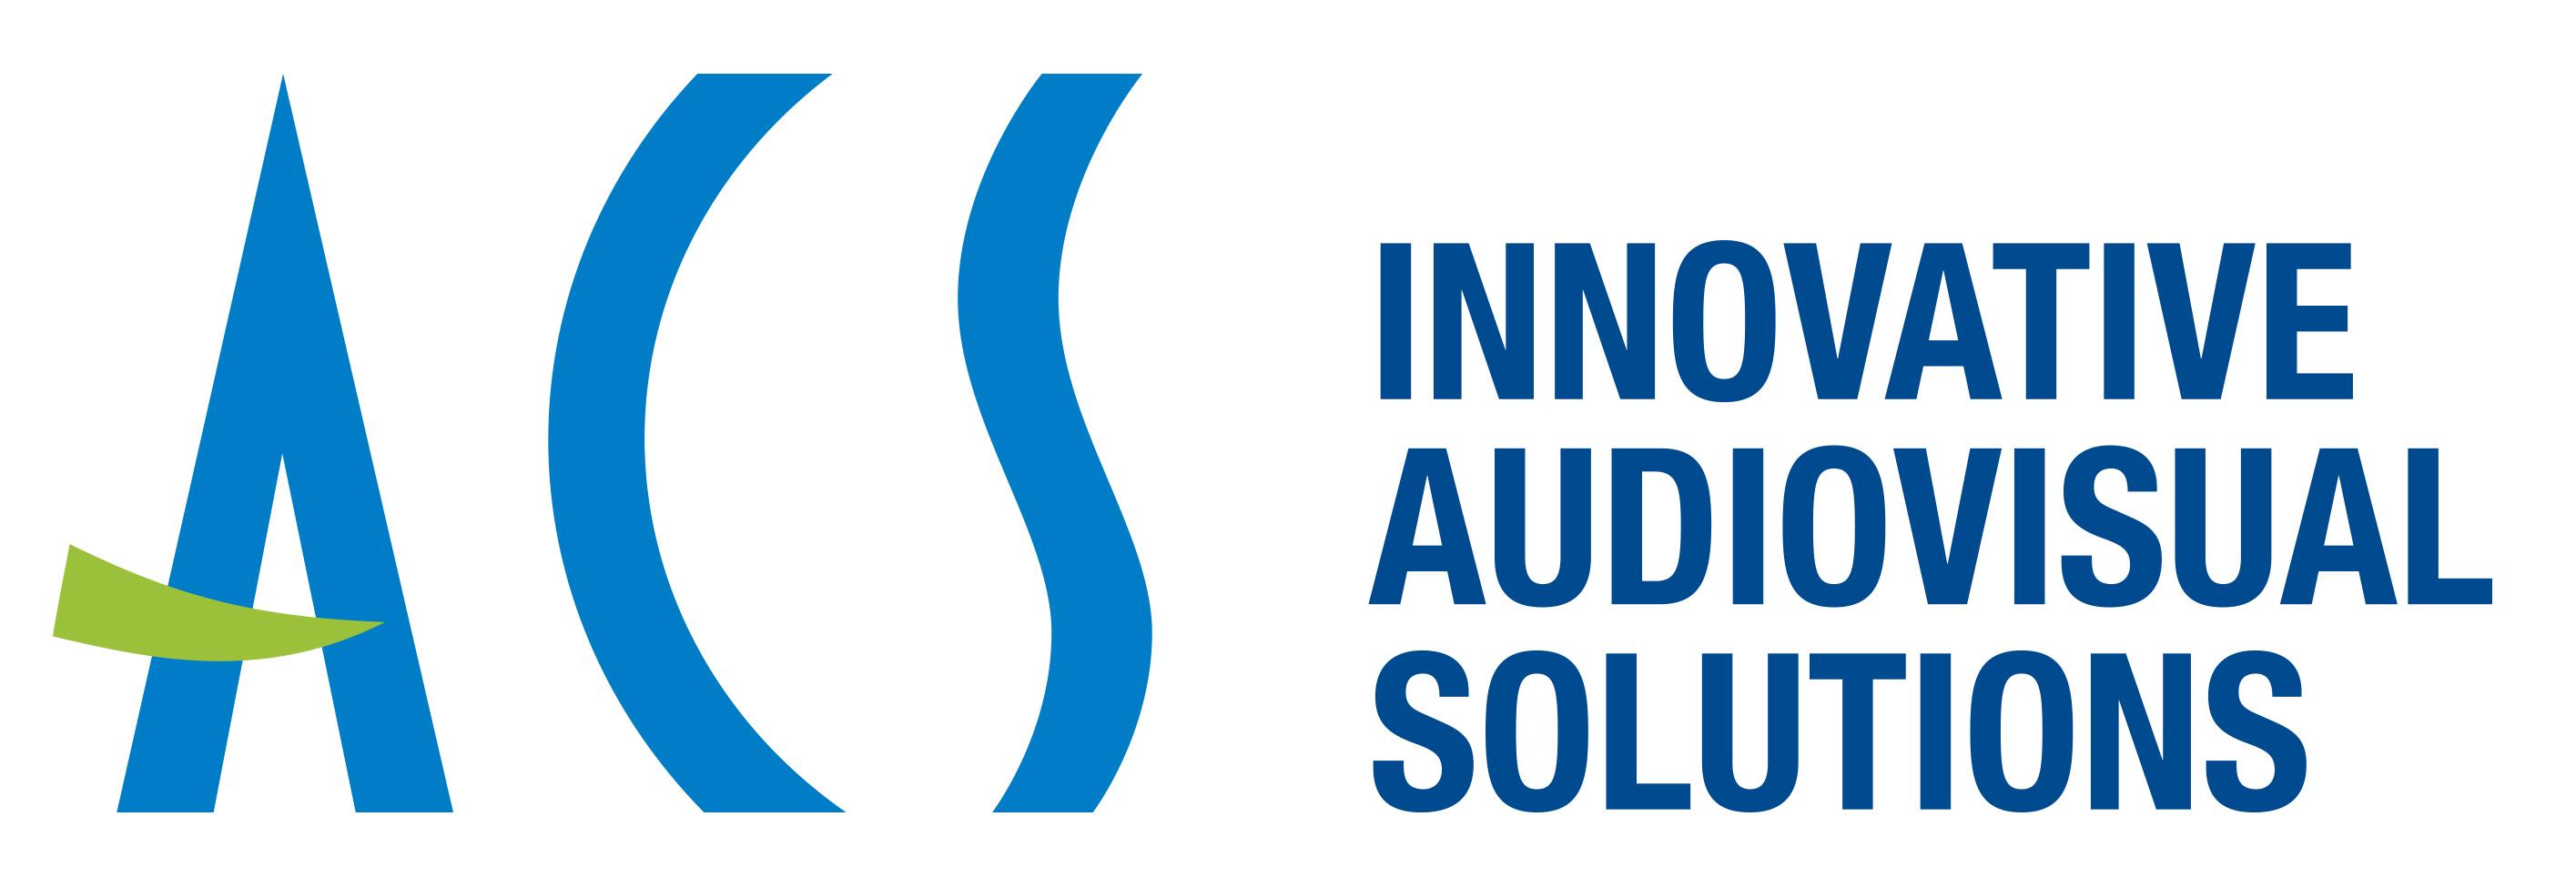 ACS audiovisual solutions - Passende audiovisuele- en IT oplossingen voor ieder evenement, vergadering of congres.